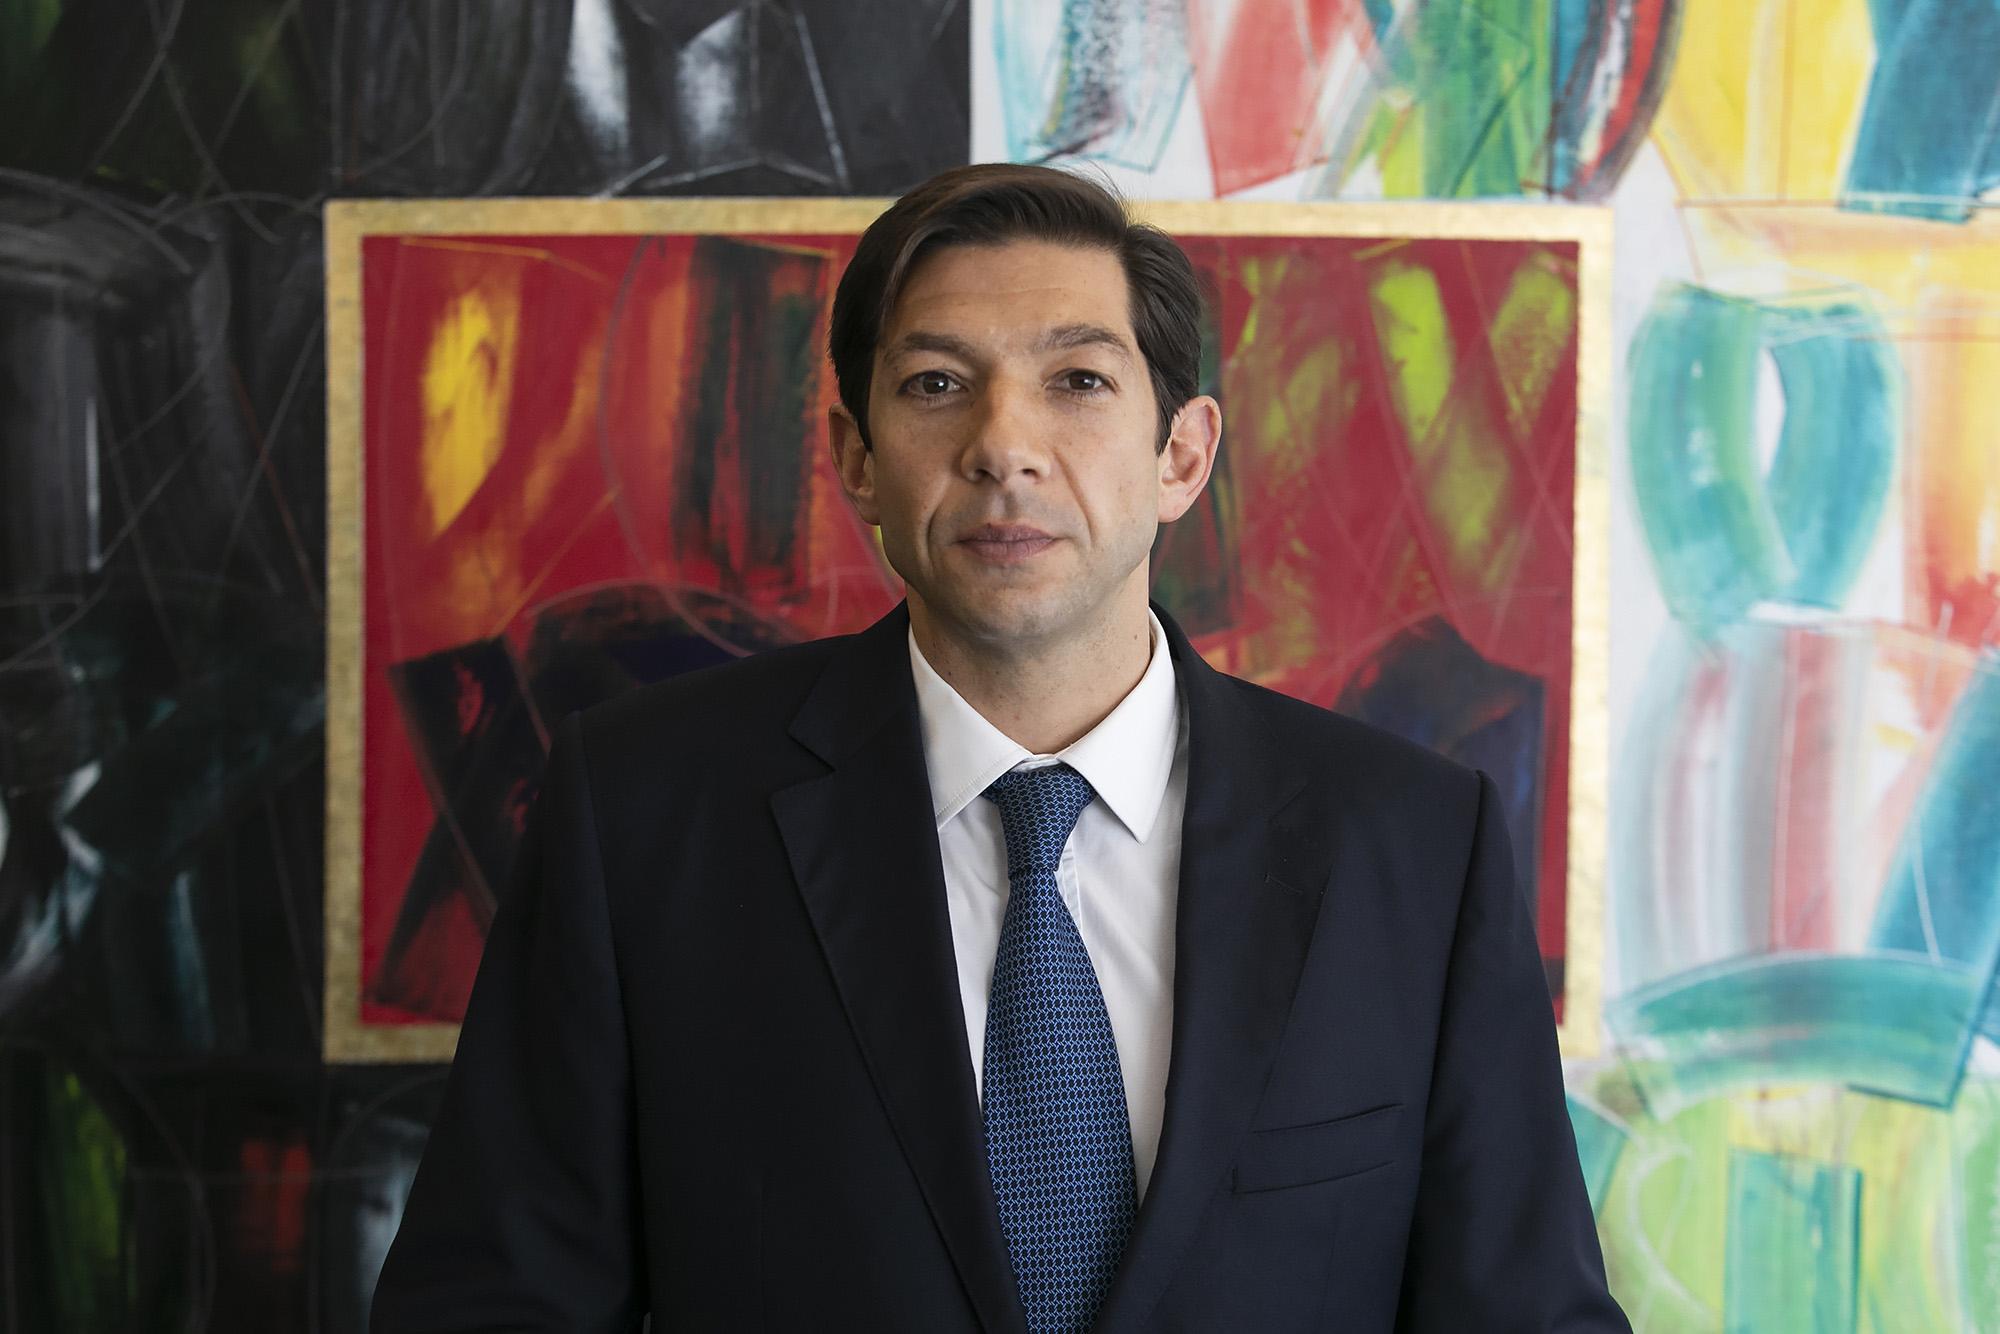 Pedro Melo, advogado da Miranda e Associados, em entrevista ao ECO - 12FEV19